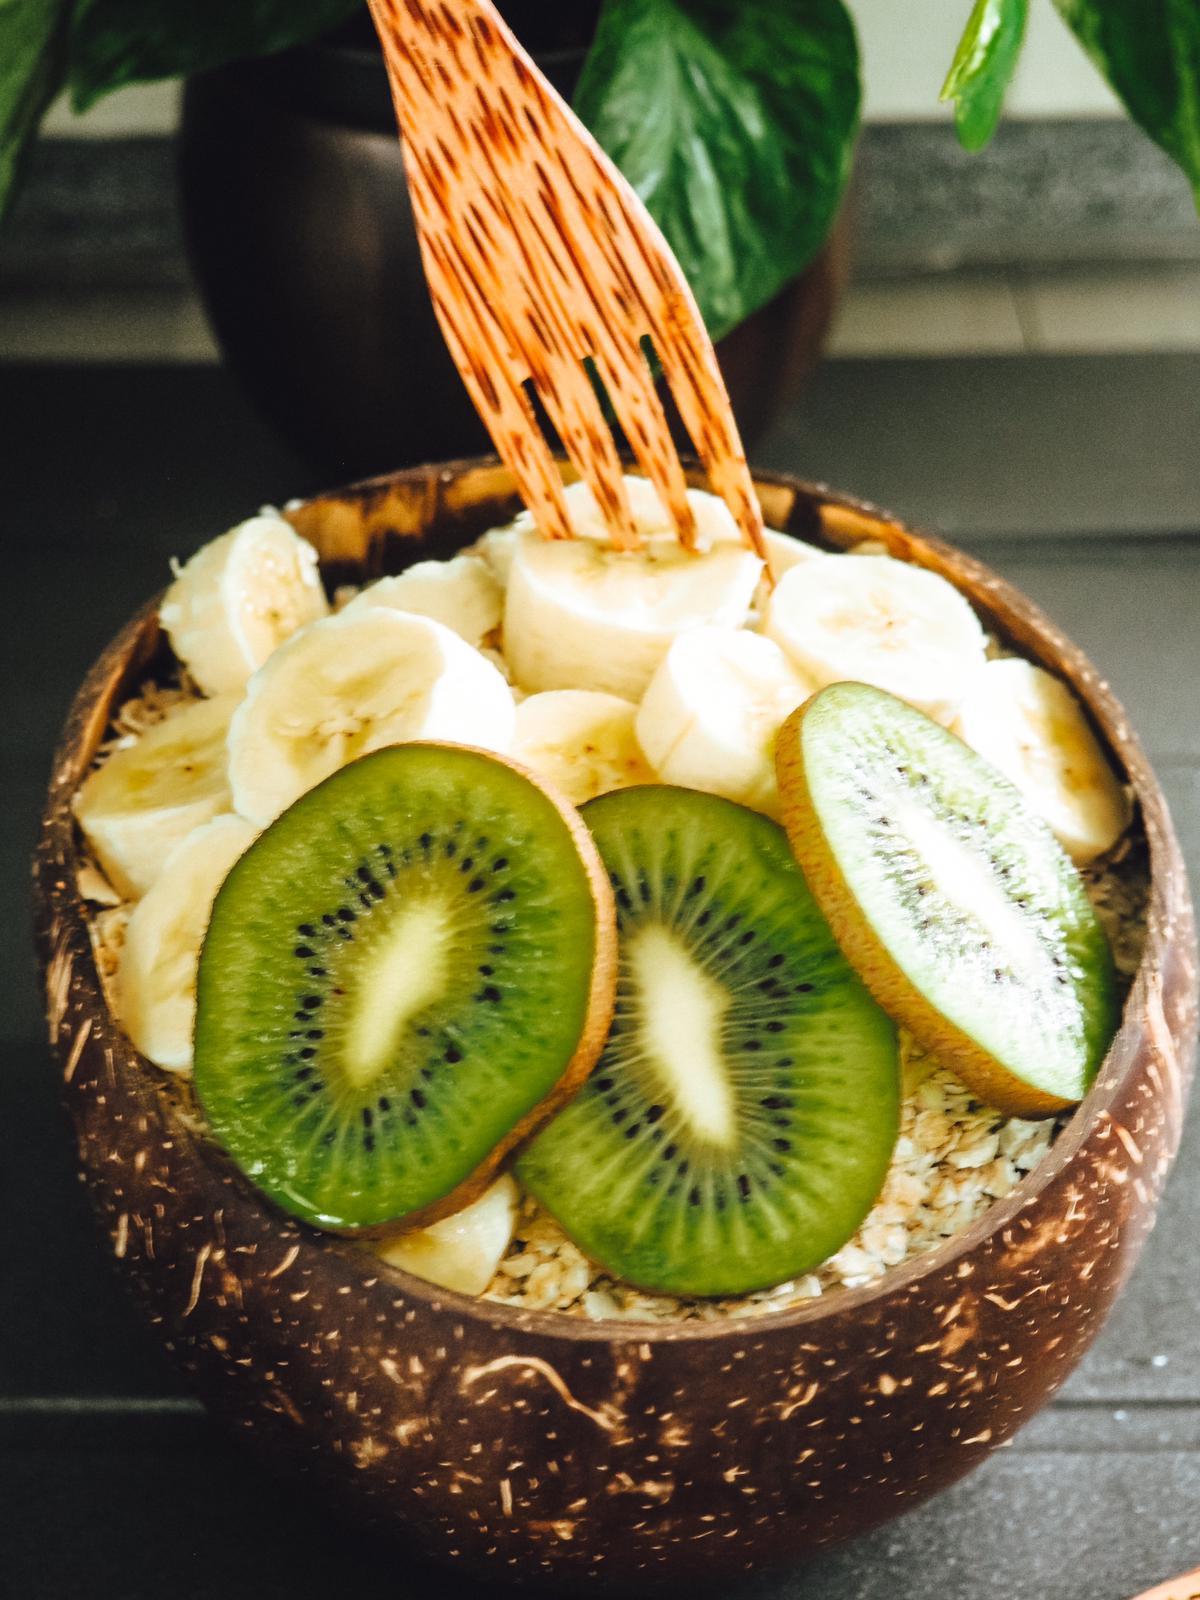 Samebutgreen Kokos Bowls